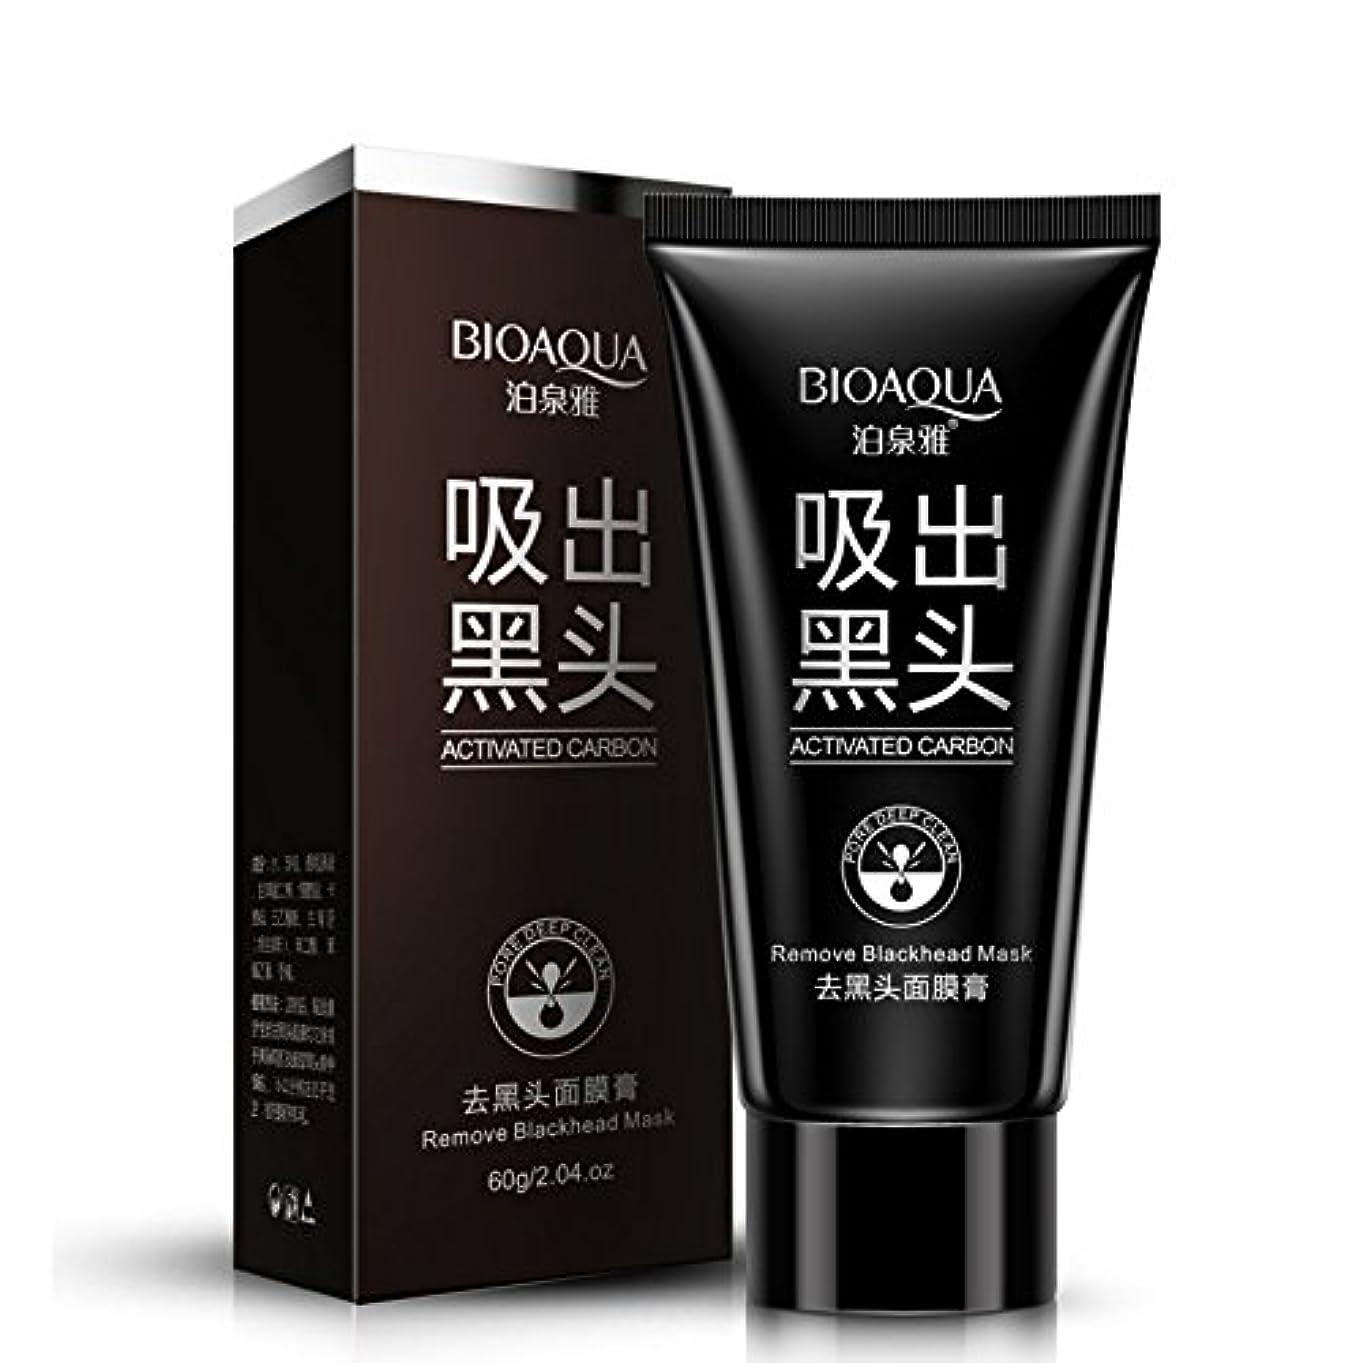 捕虜ラフト実際Suction Black Mask Shrink Black Head Spots Pores,Face Mask Blackhead Removal Blackheads Cosmetics Facials Moisturizing...